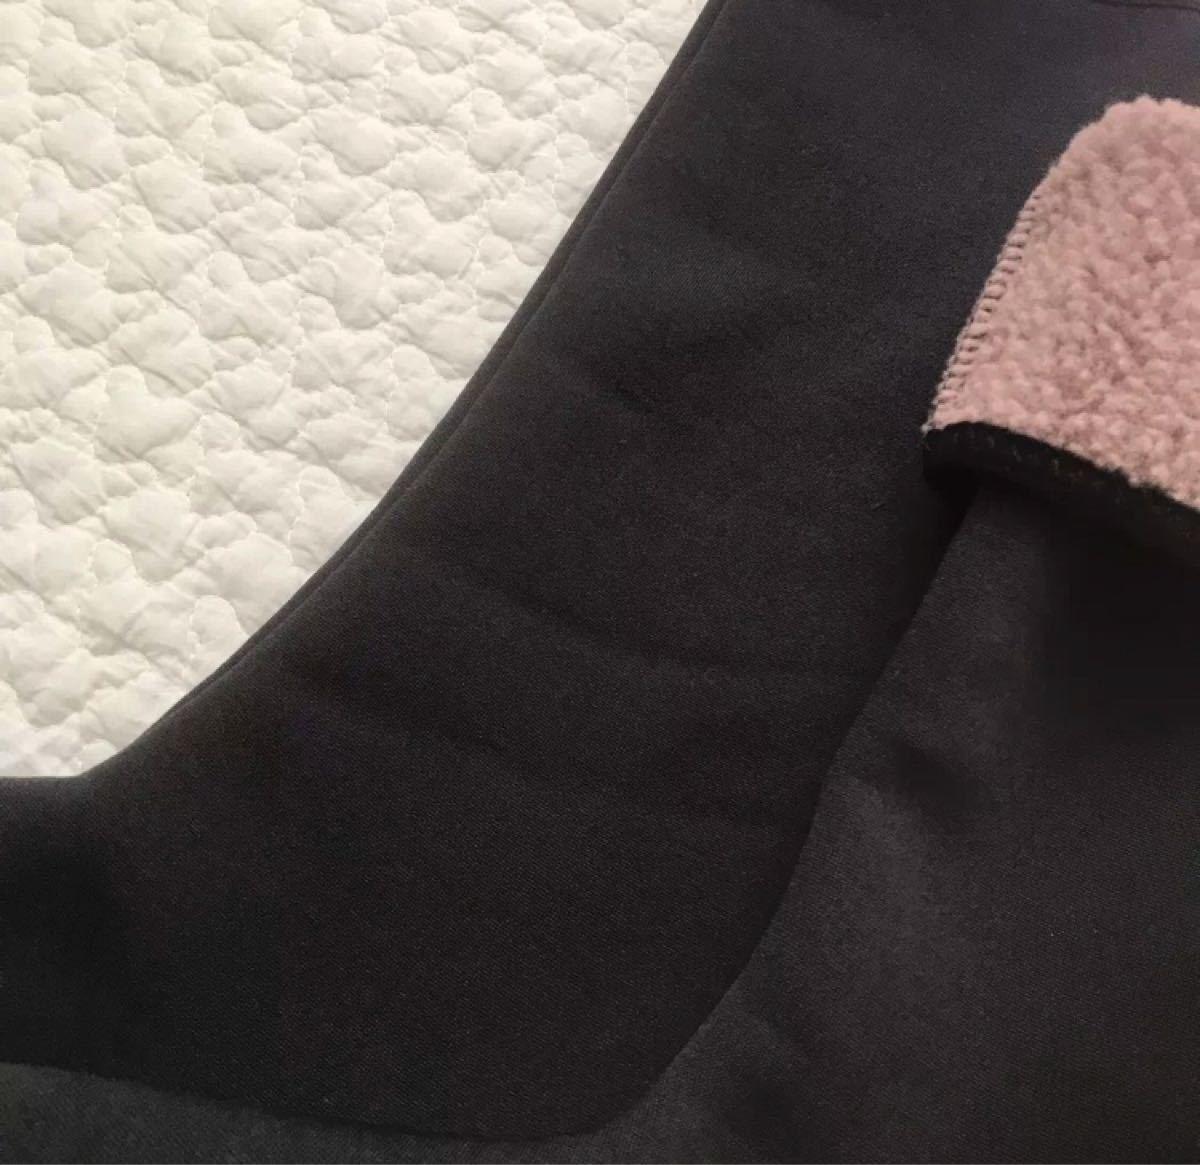 韓国冷えとり靴下ポソンルームシューズルームソックスルームウェアスリッパ室内履き黒